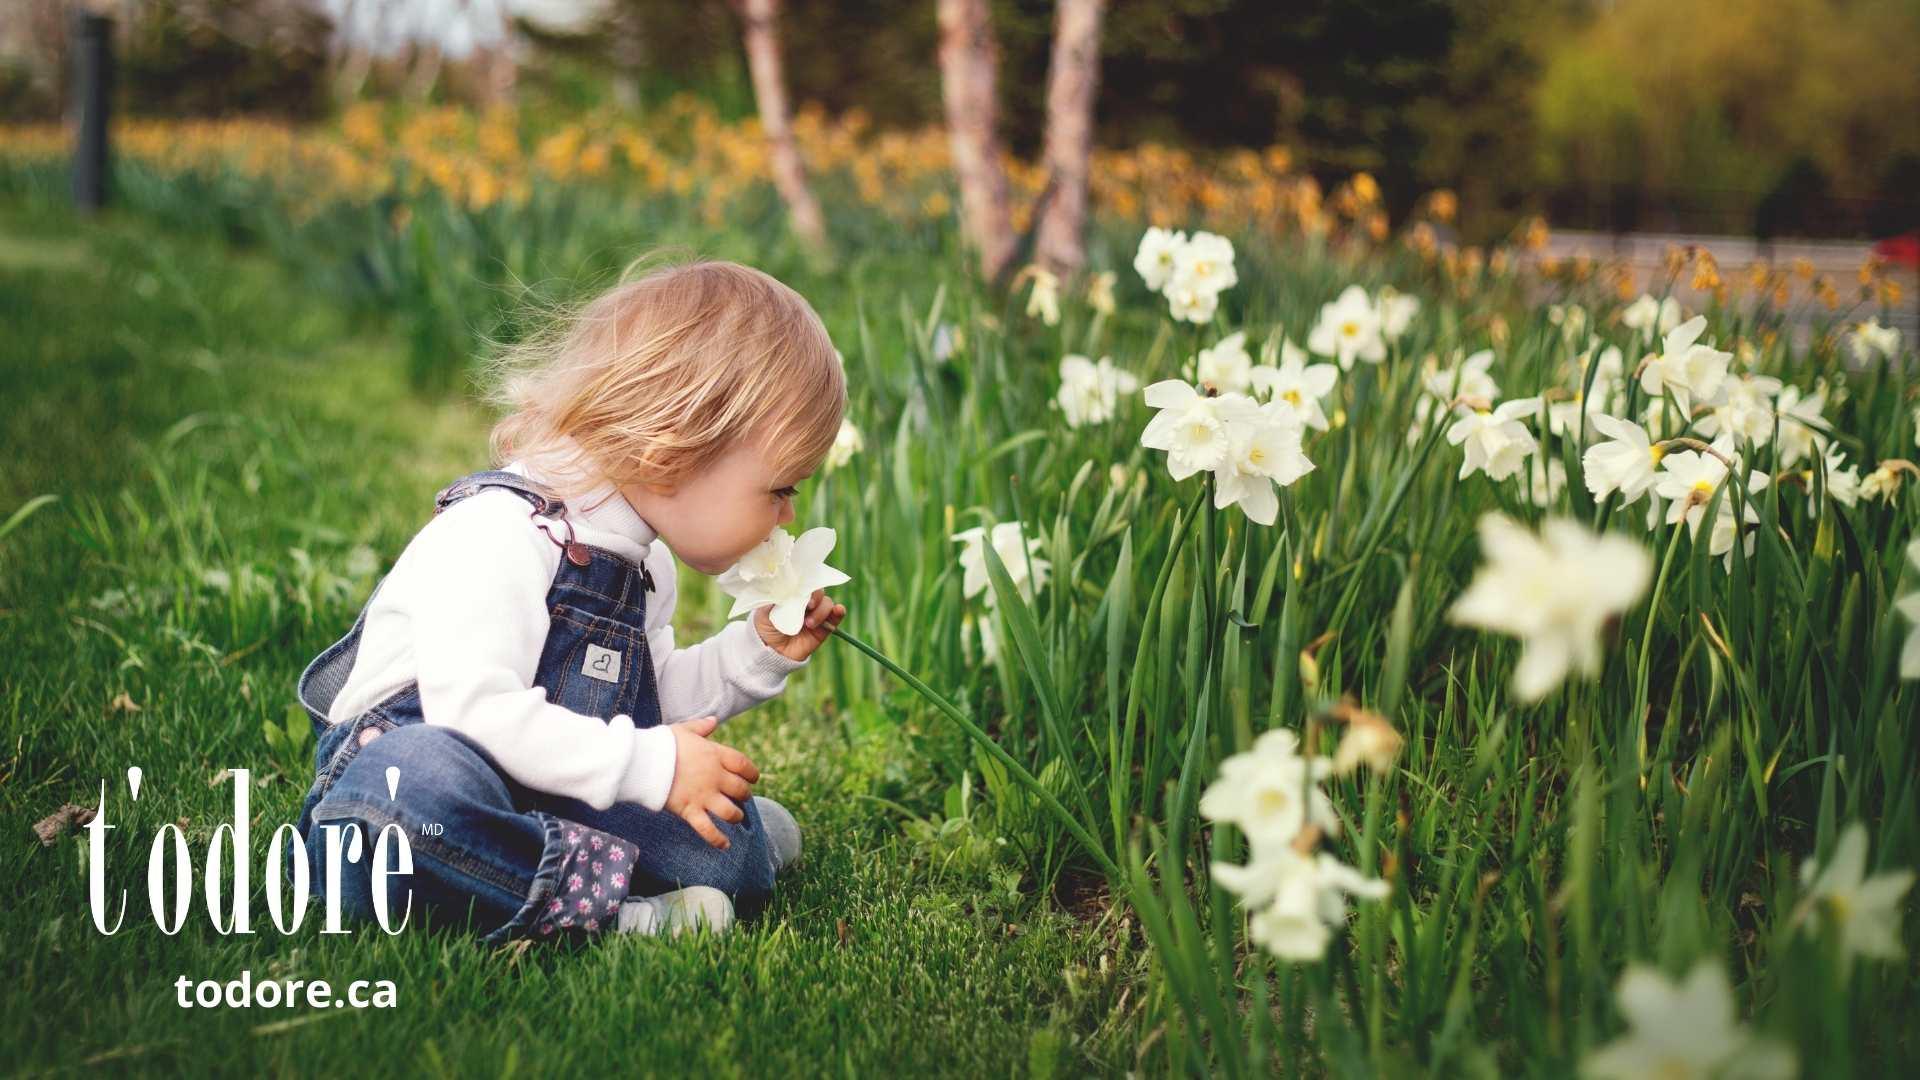 Enfant qui sent une fleur - T'Odoré - Pouvoir des odeurs